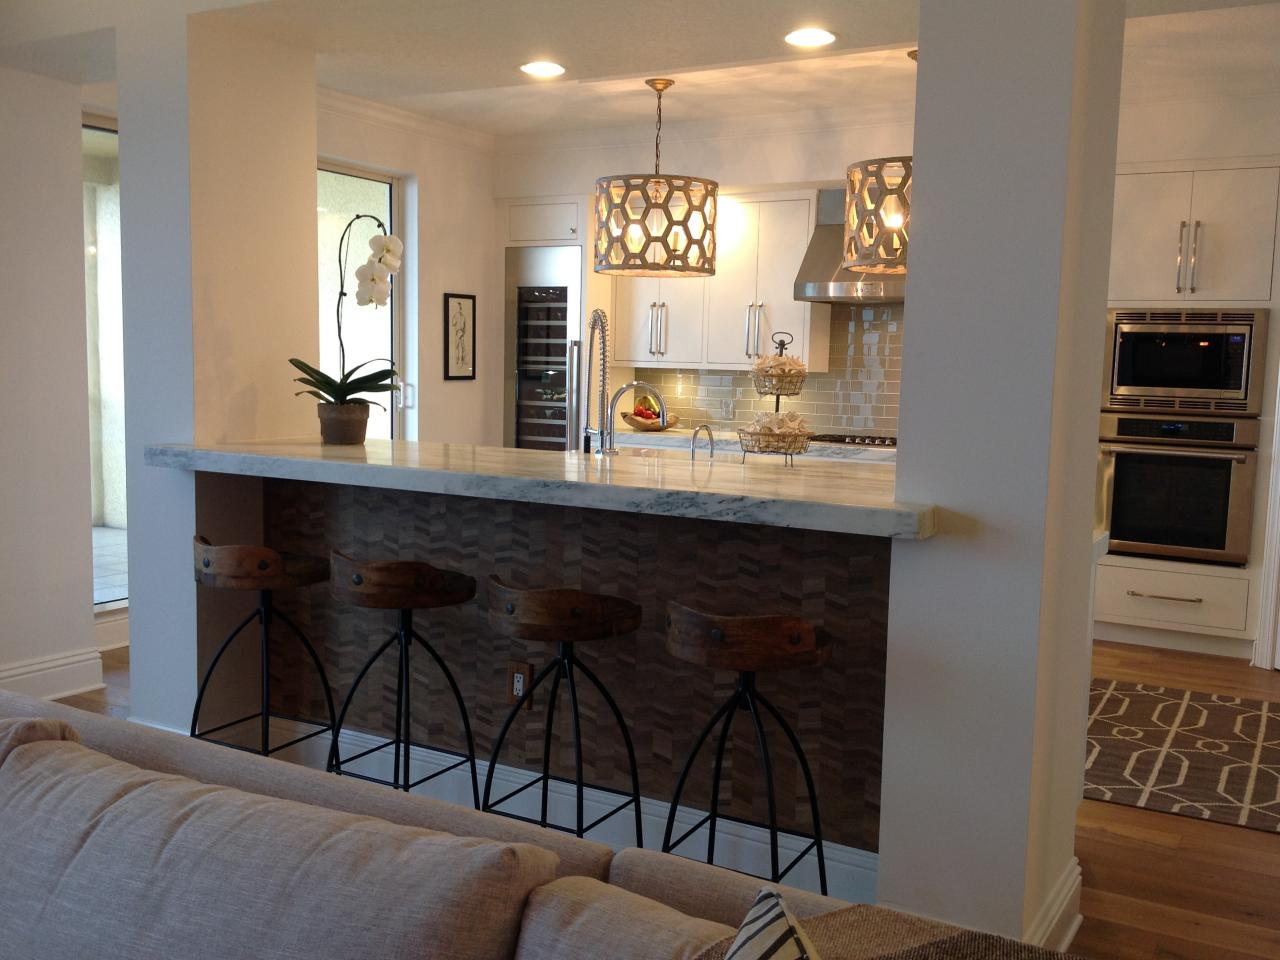 Дизайн кухни с барной стойкой и колоннами